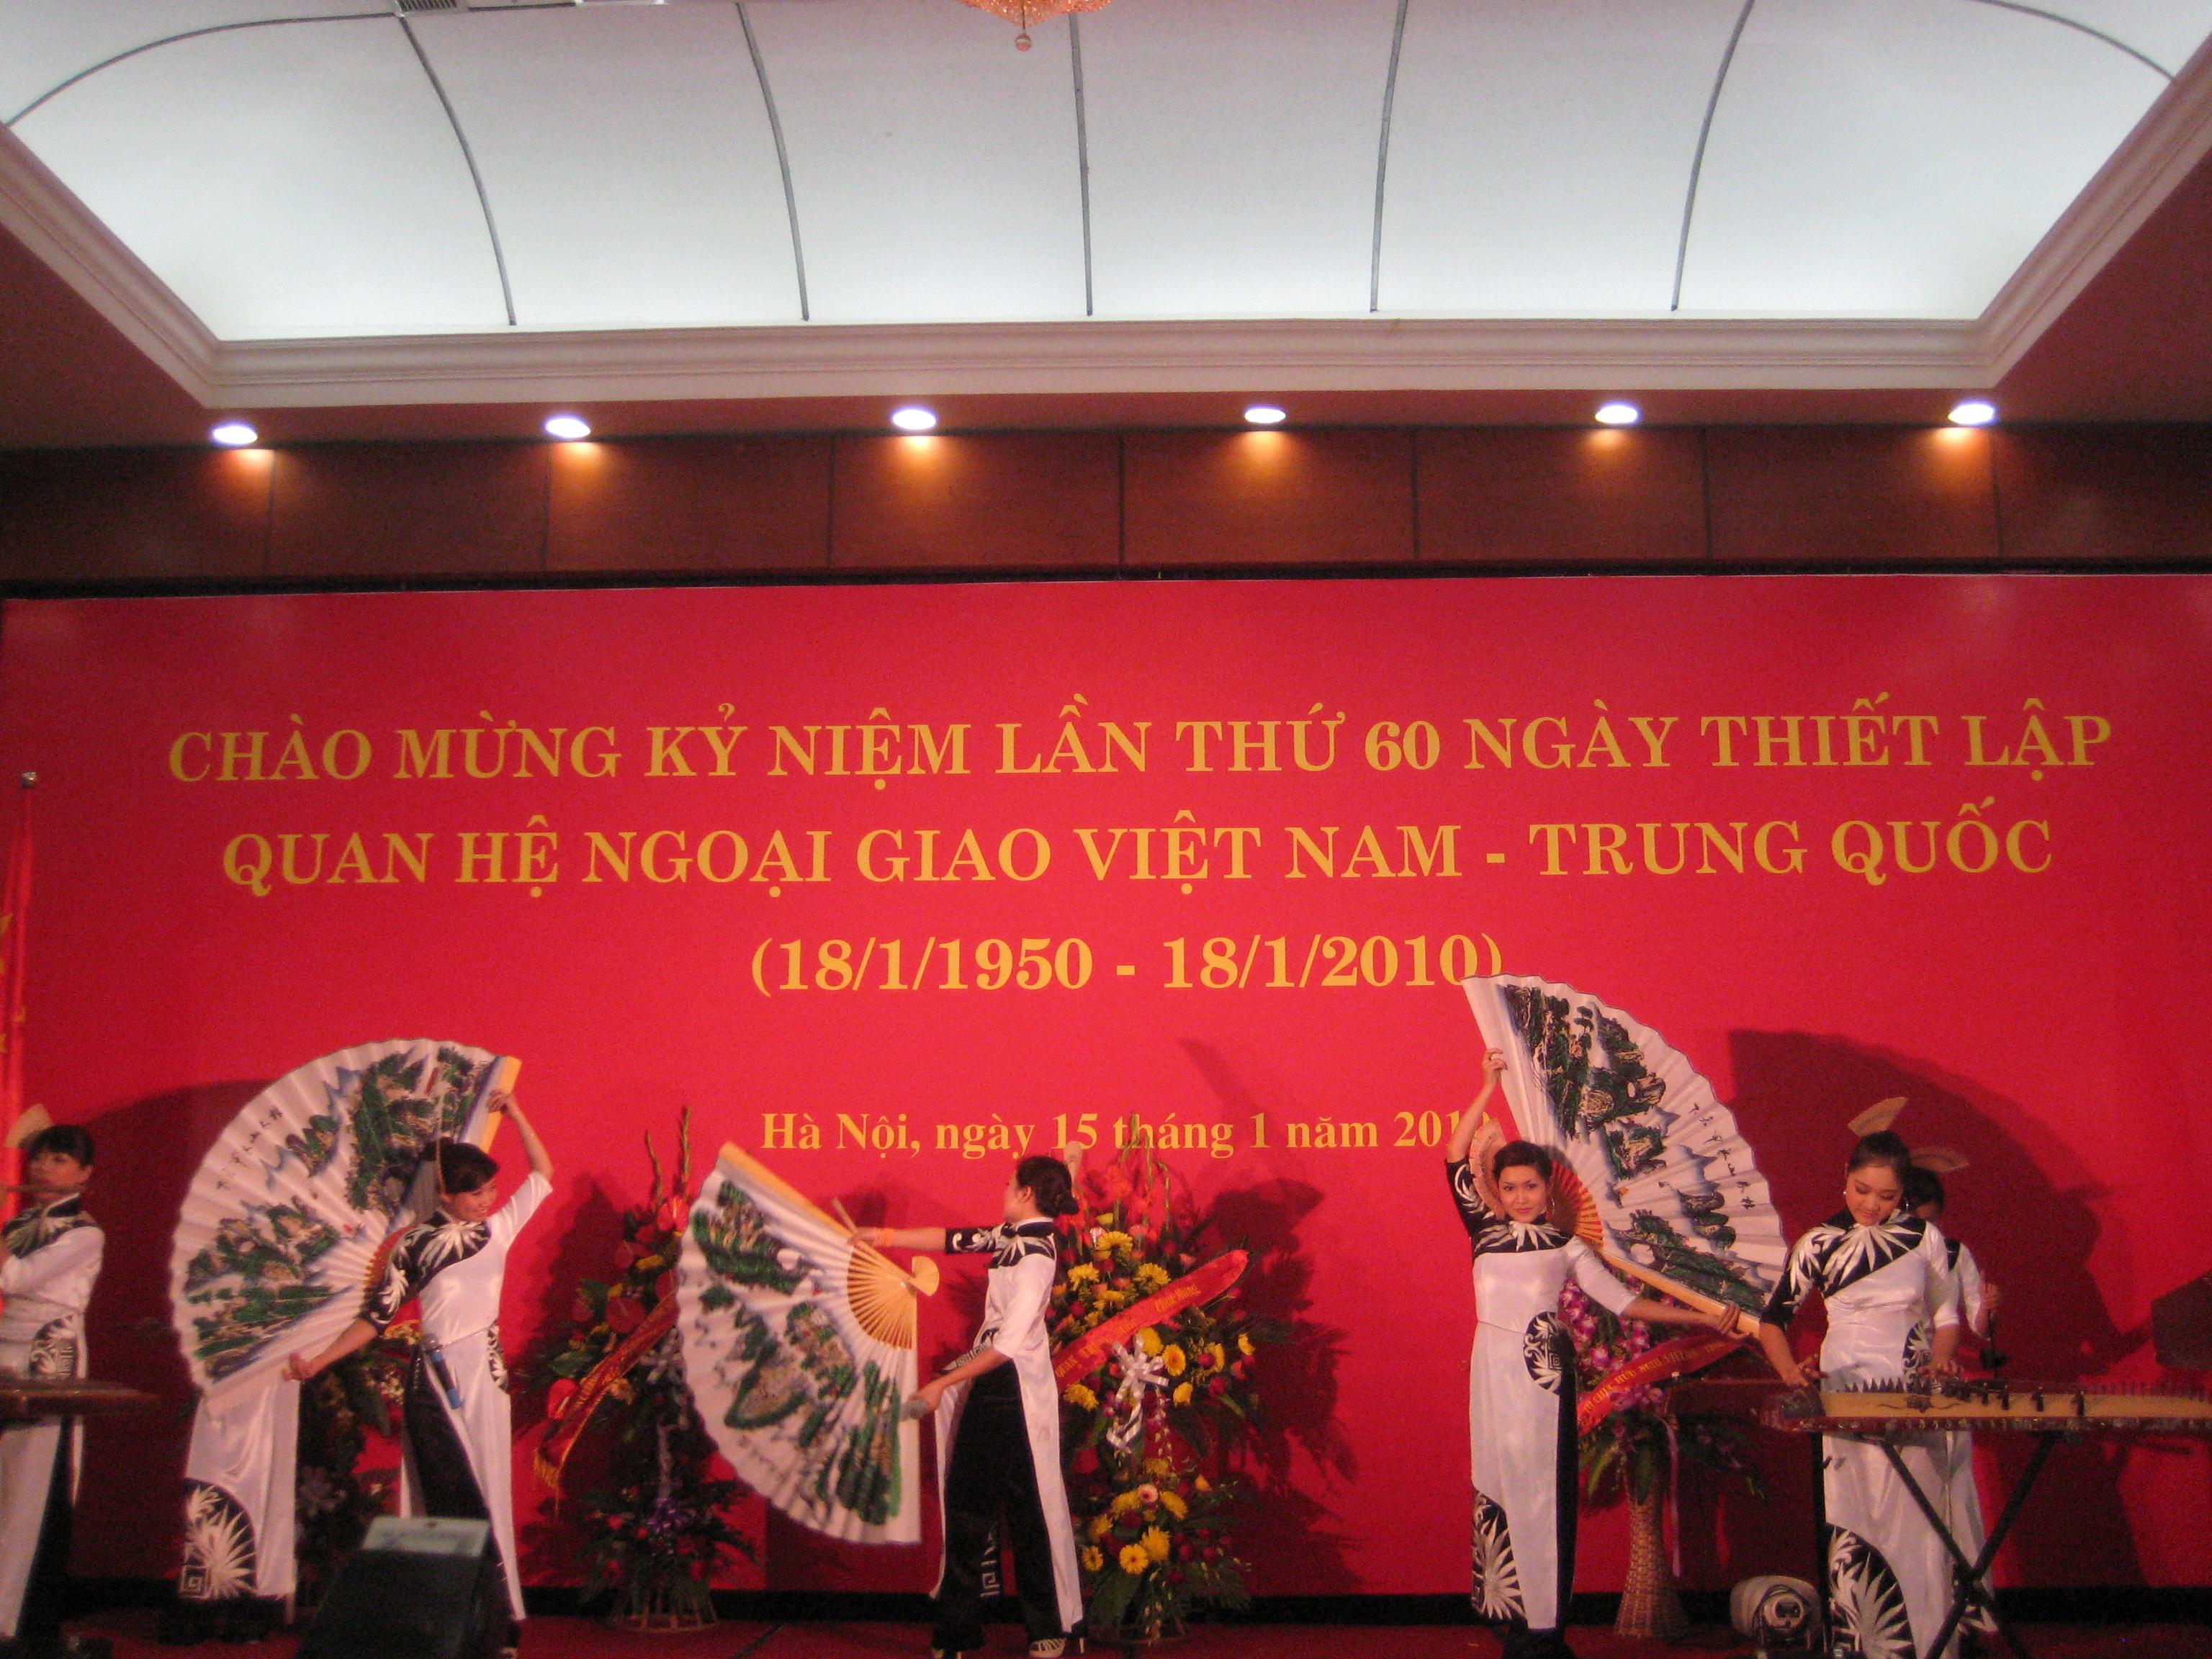 Kỷ niệm 60 năm ngày thiết lập quan hệ ngoại giao Việt Nam – Trung Quốc